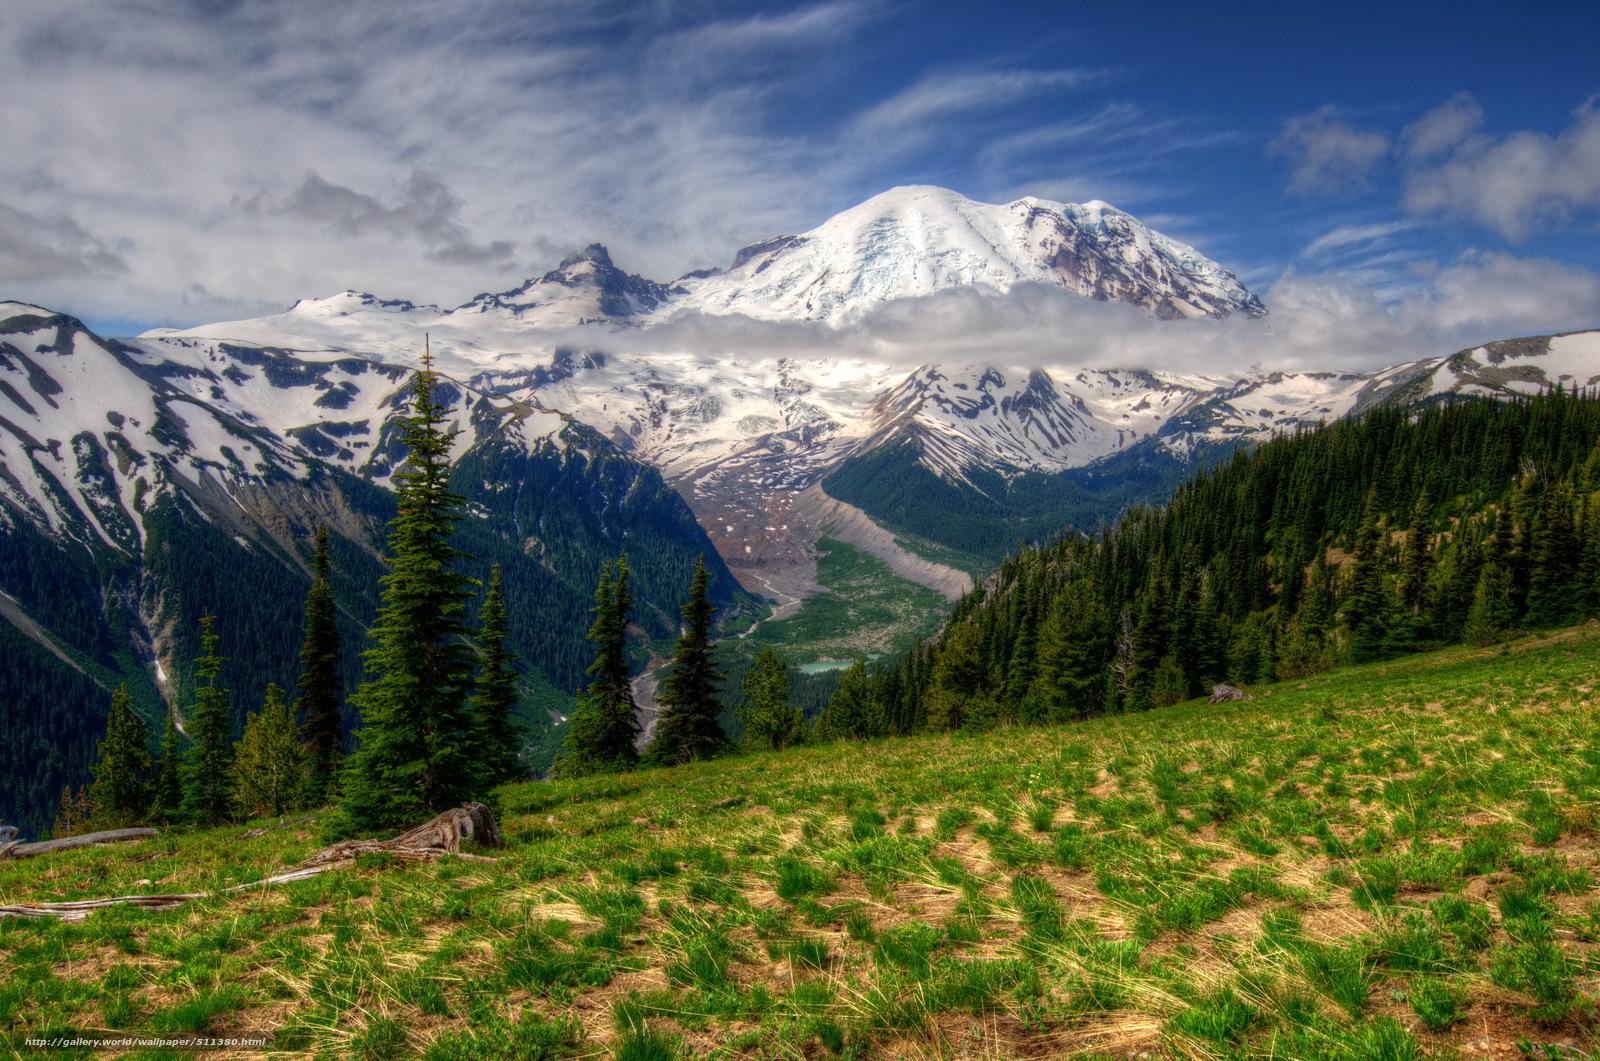 Download wallpaper Mountains landscape mt rainier Washington 1600x1061